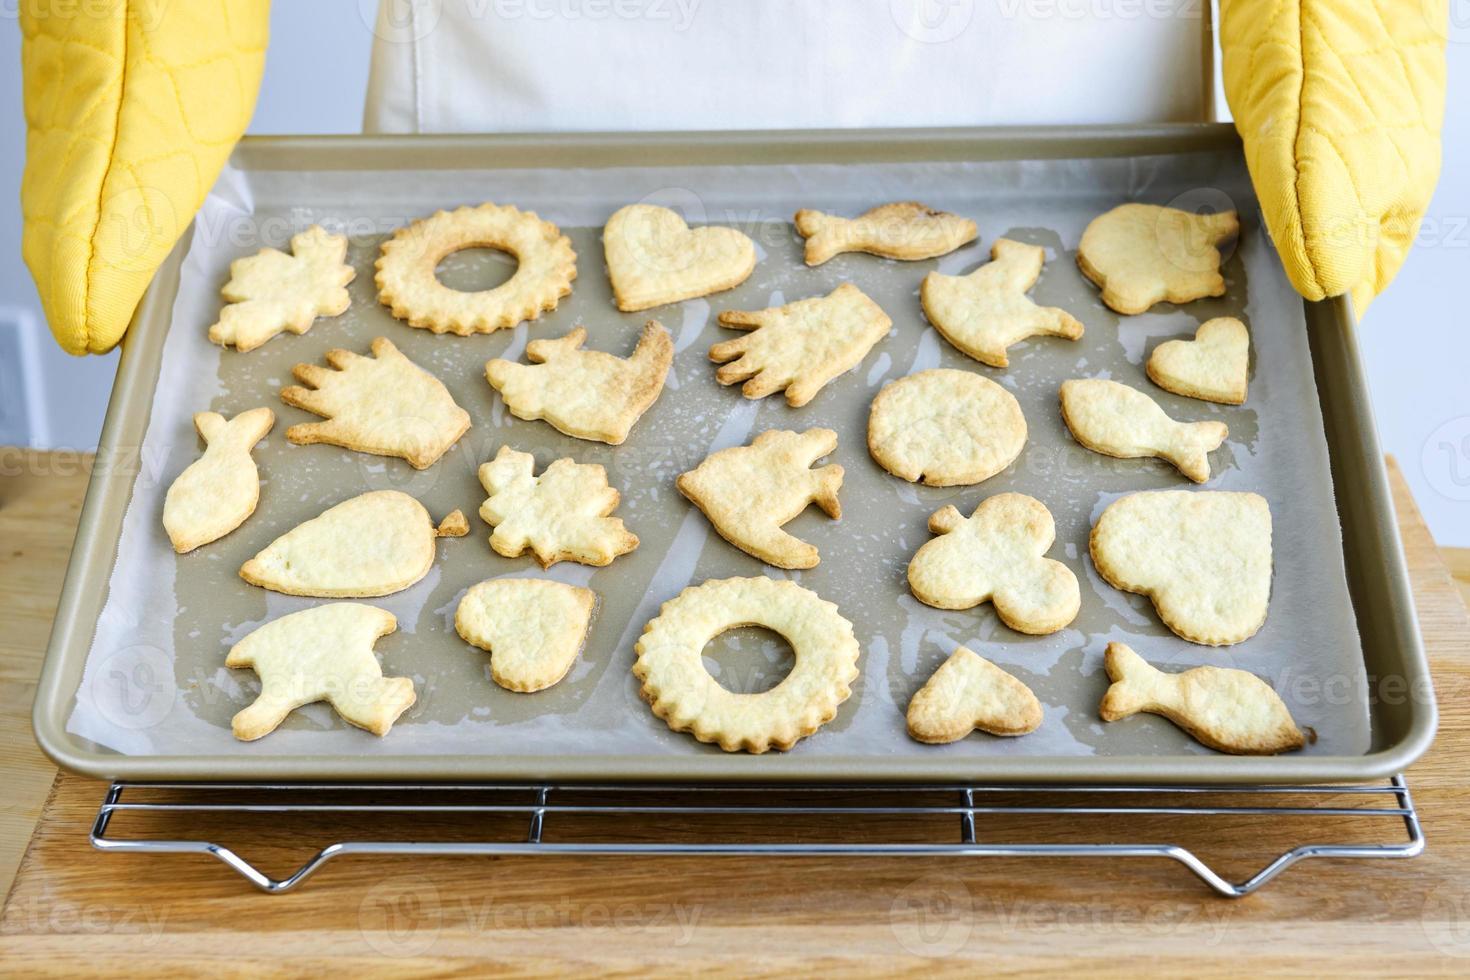 galletas recién horneadas foto